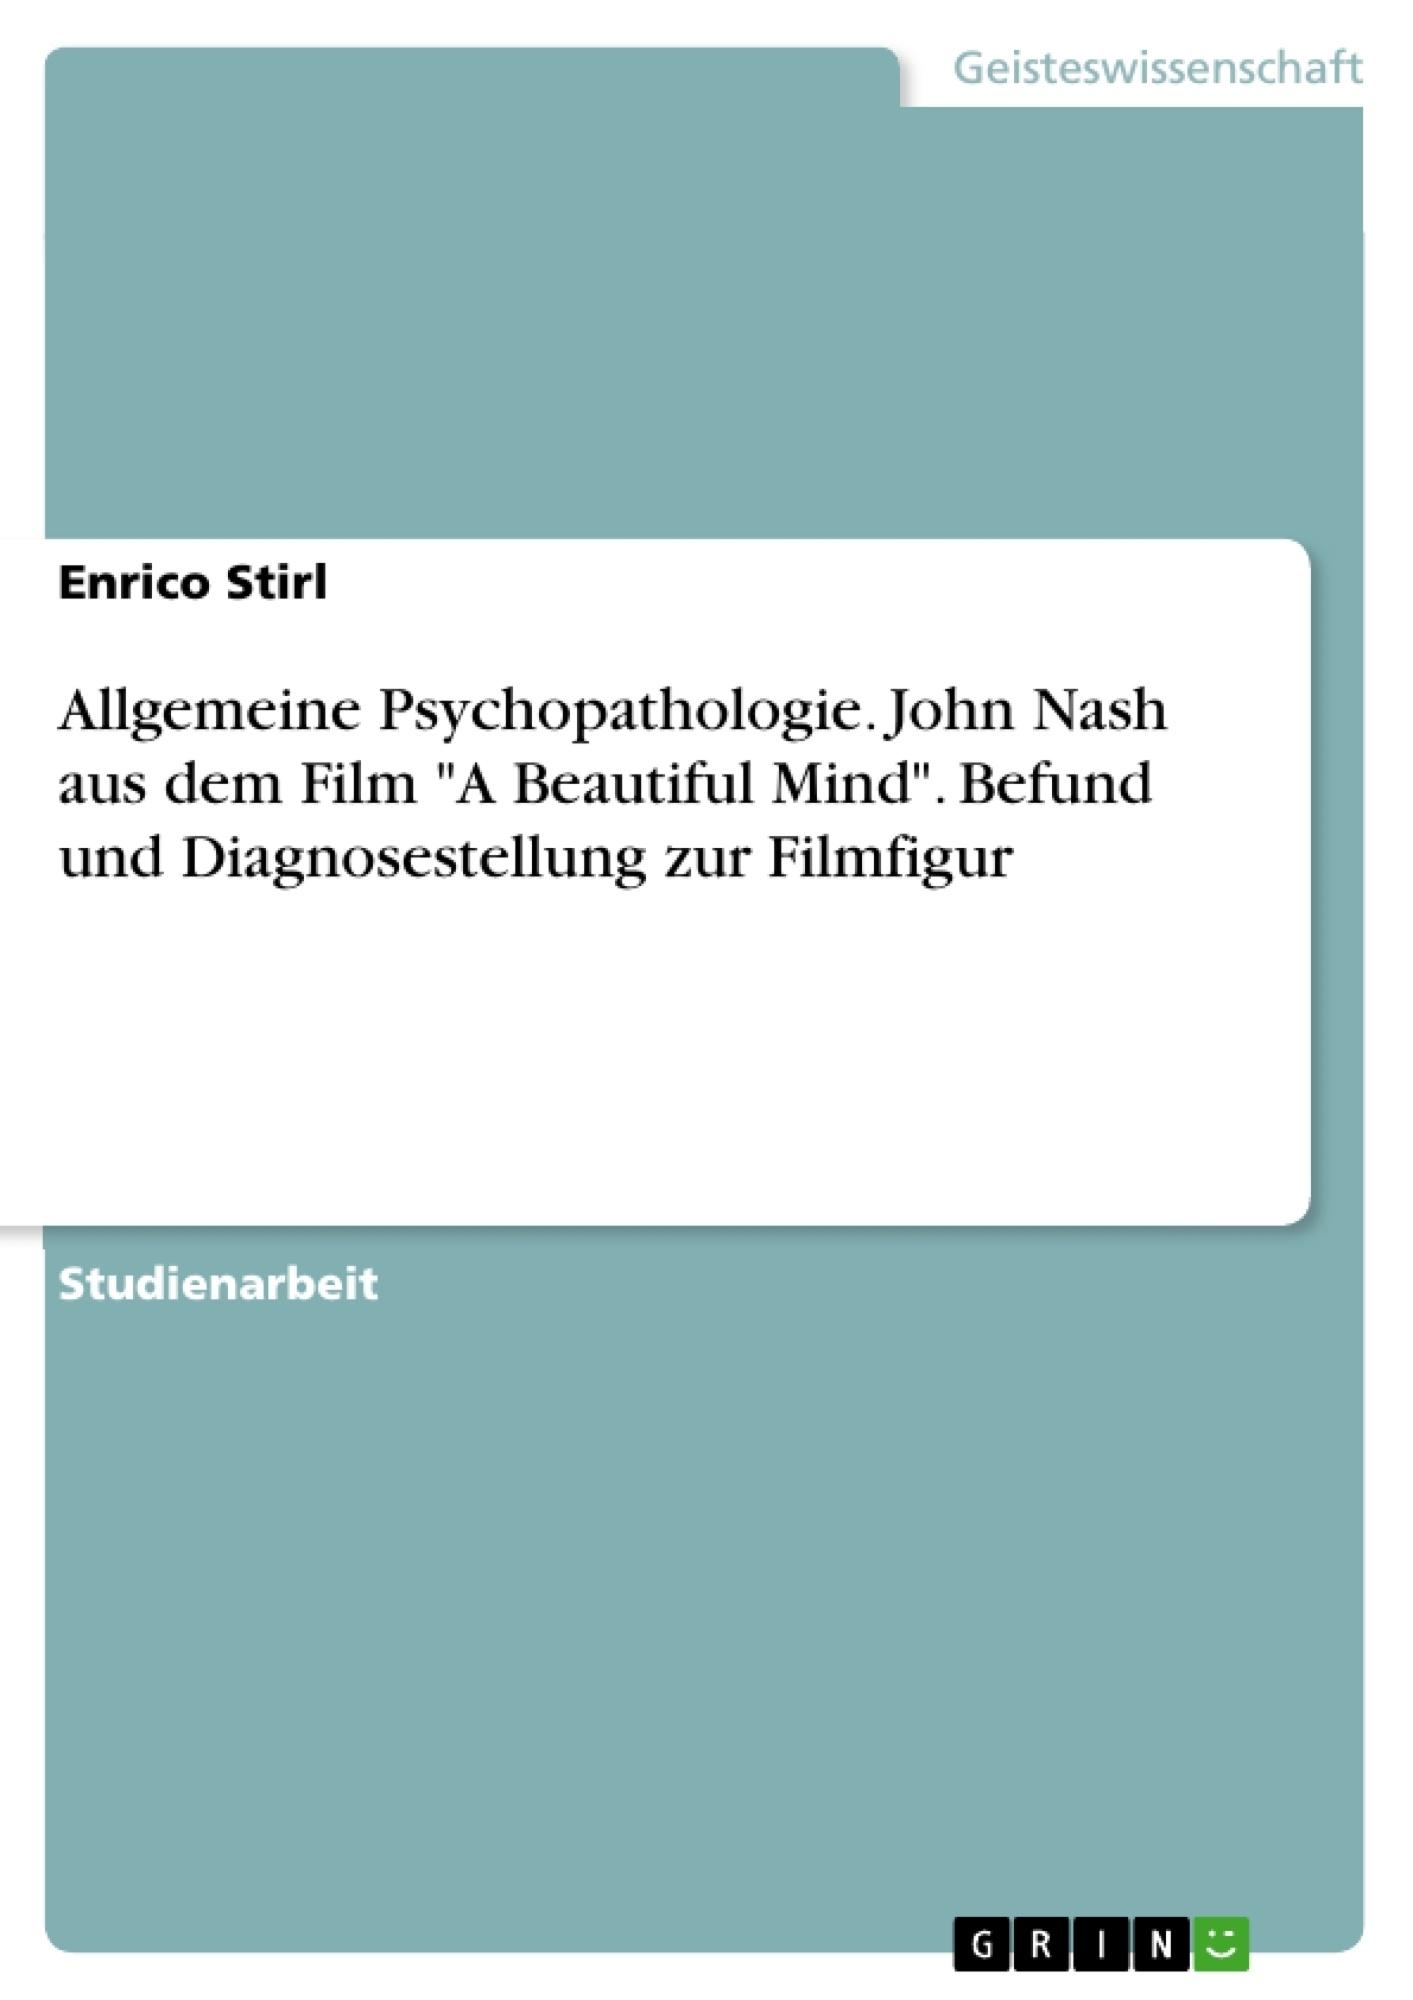 """Titel: Allgemeine Psychopathologie. John Nash aus dem Film """"A Beautiful Mind"""". Befund und Diagnosestellung zur Filmfigur"""